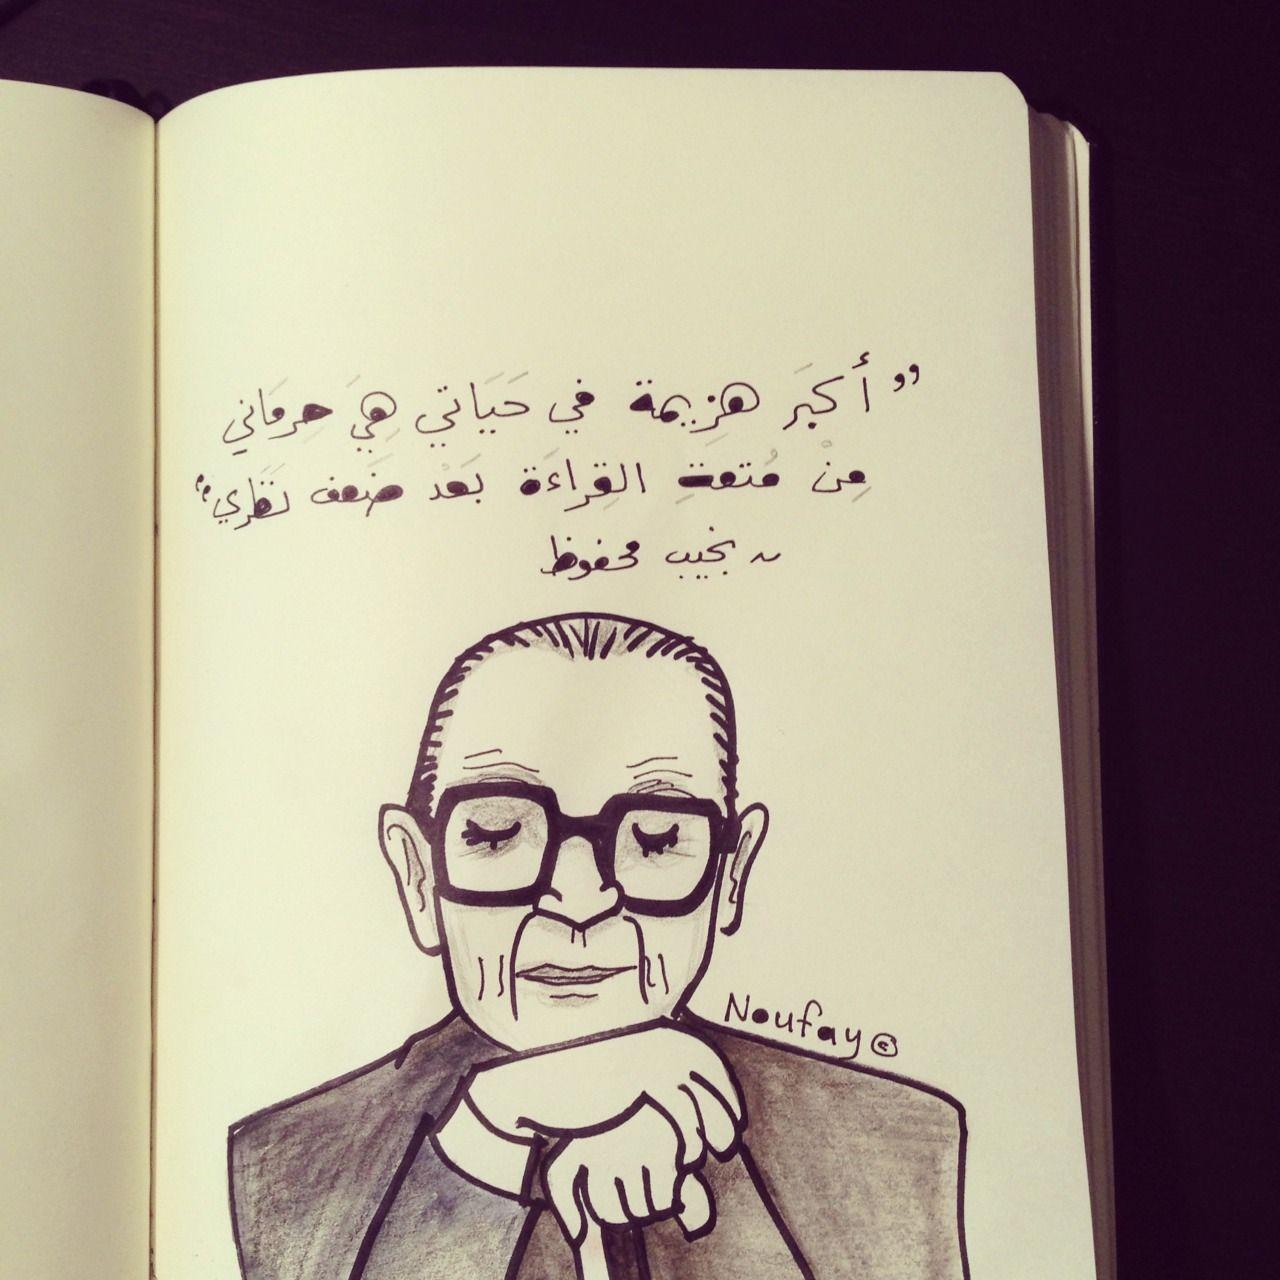 نجيب محفوظ Book Qoutes Arabic Tattoo Quotes Funny Arabic Quotes